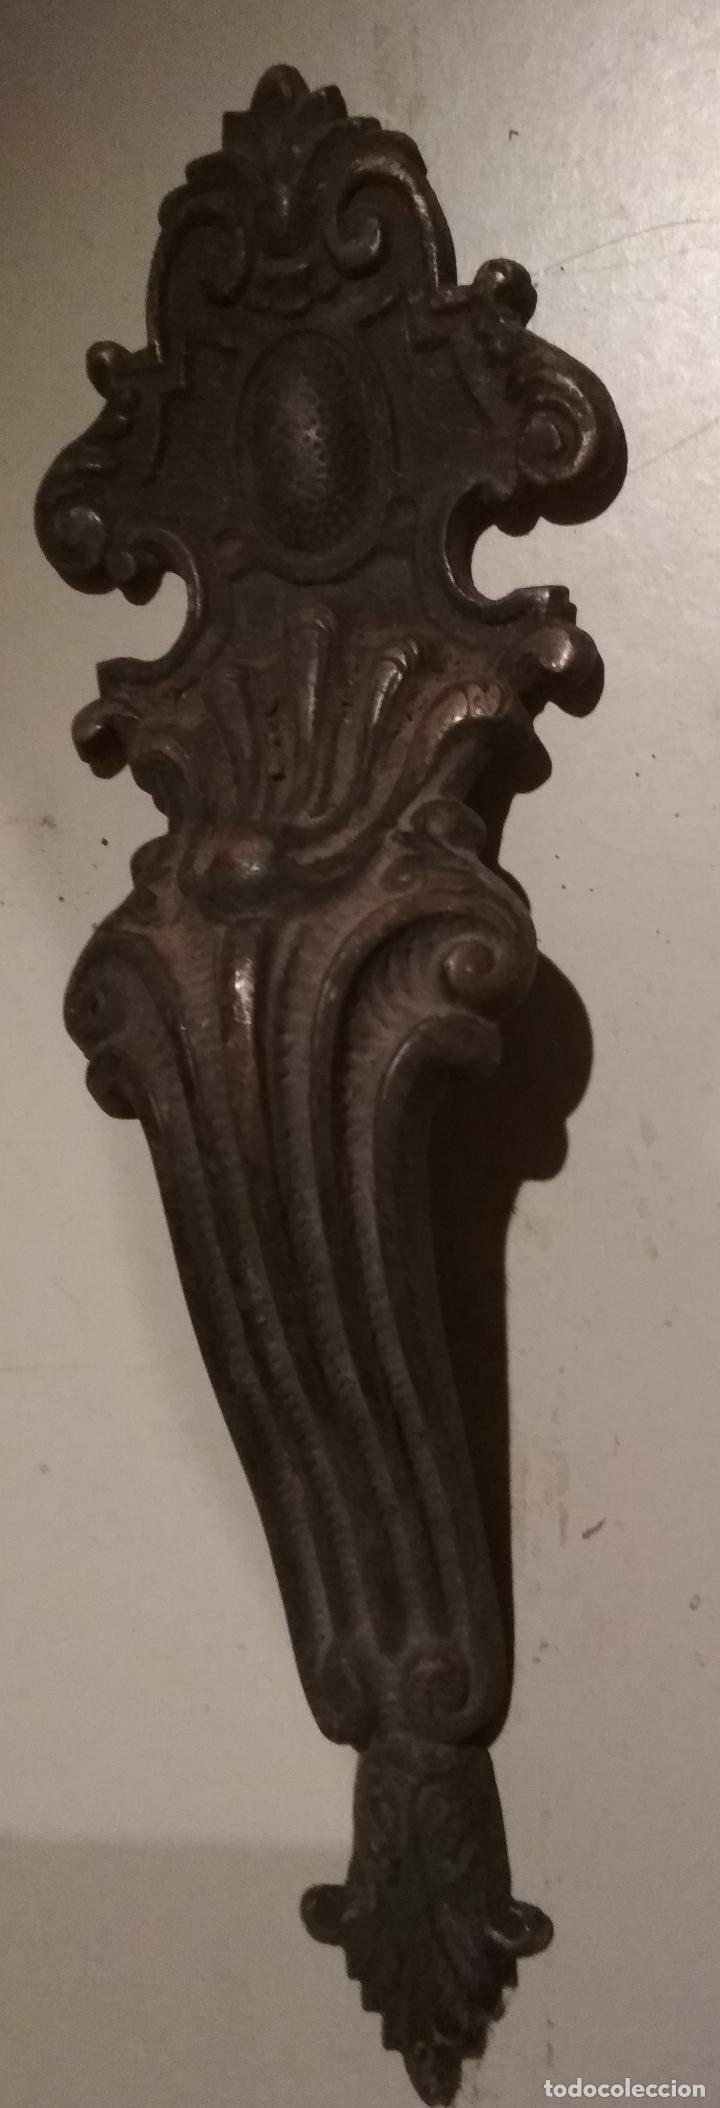 TIRADOR METAL PUERTA O ARMARIO (Antigüedades - Técnicas - Cerrajería y Forja - Tiradores Antiguos)